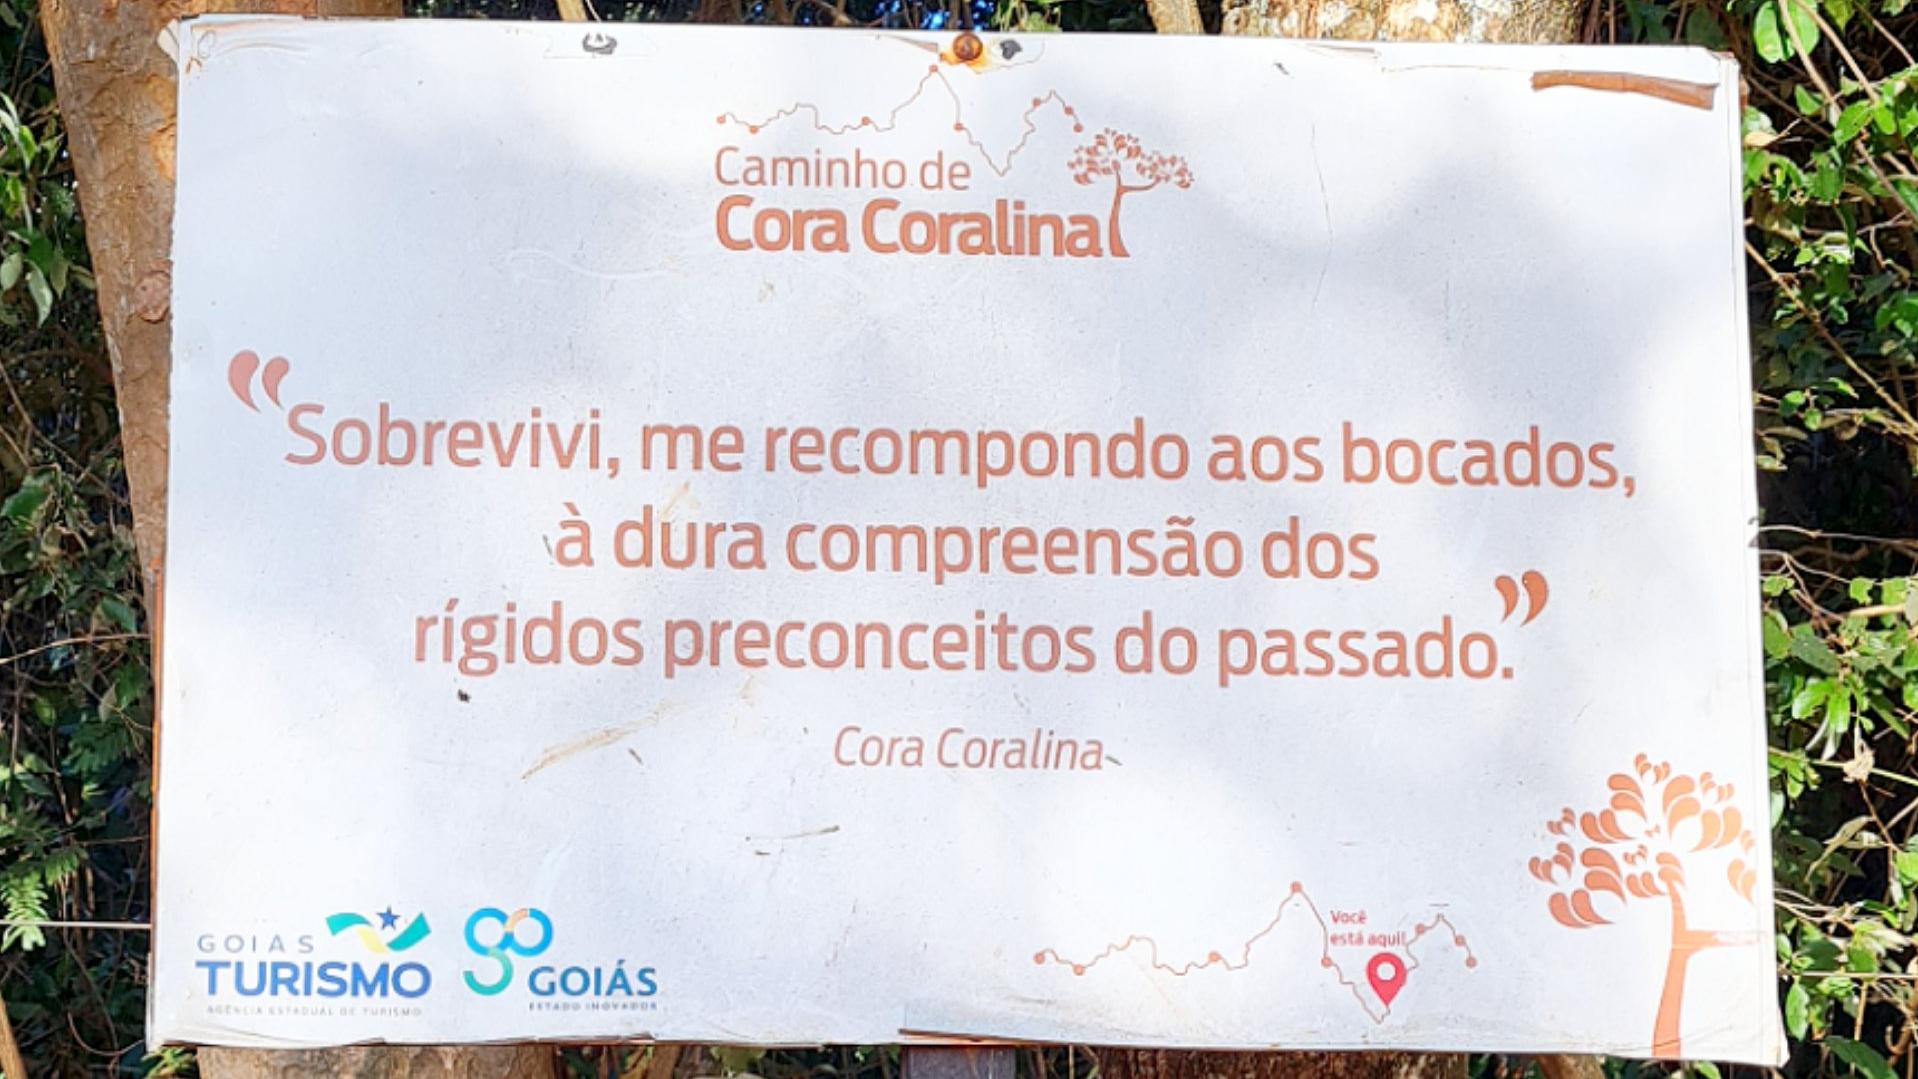 Caminho_de_Cora_Coralina_Goias